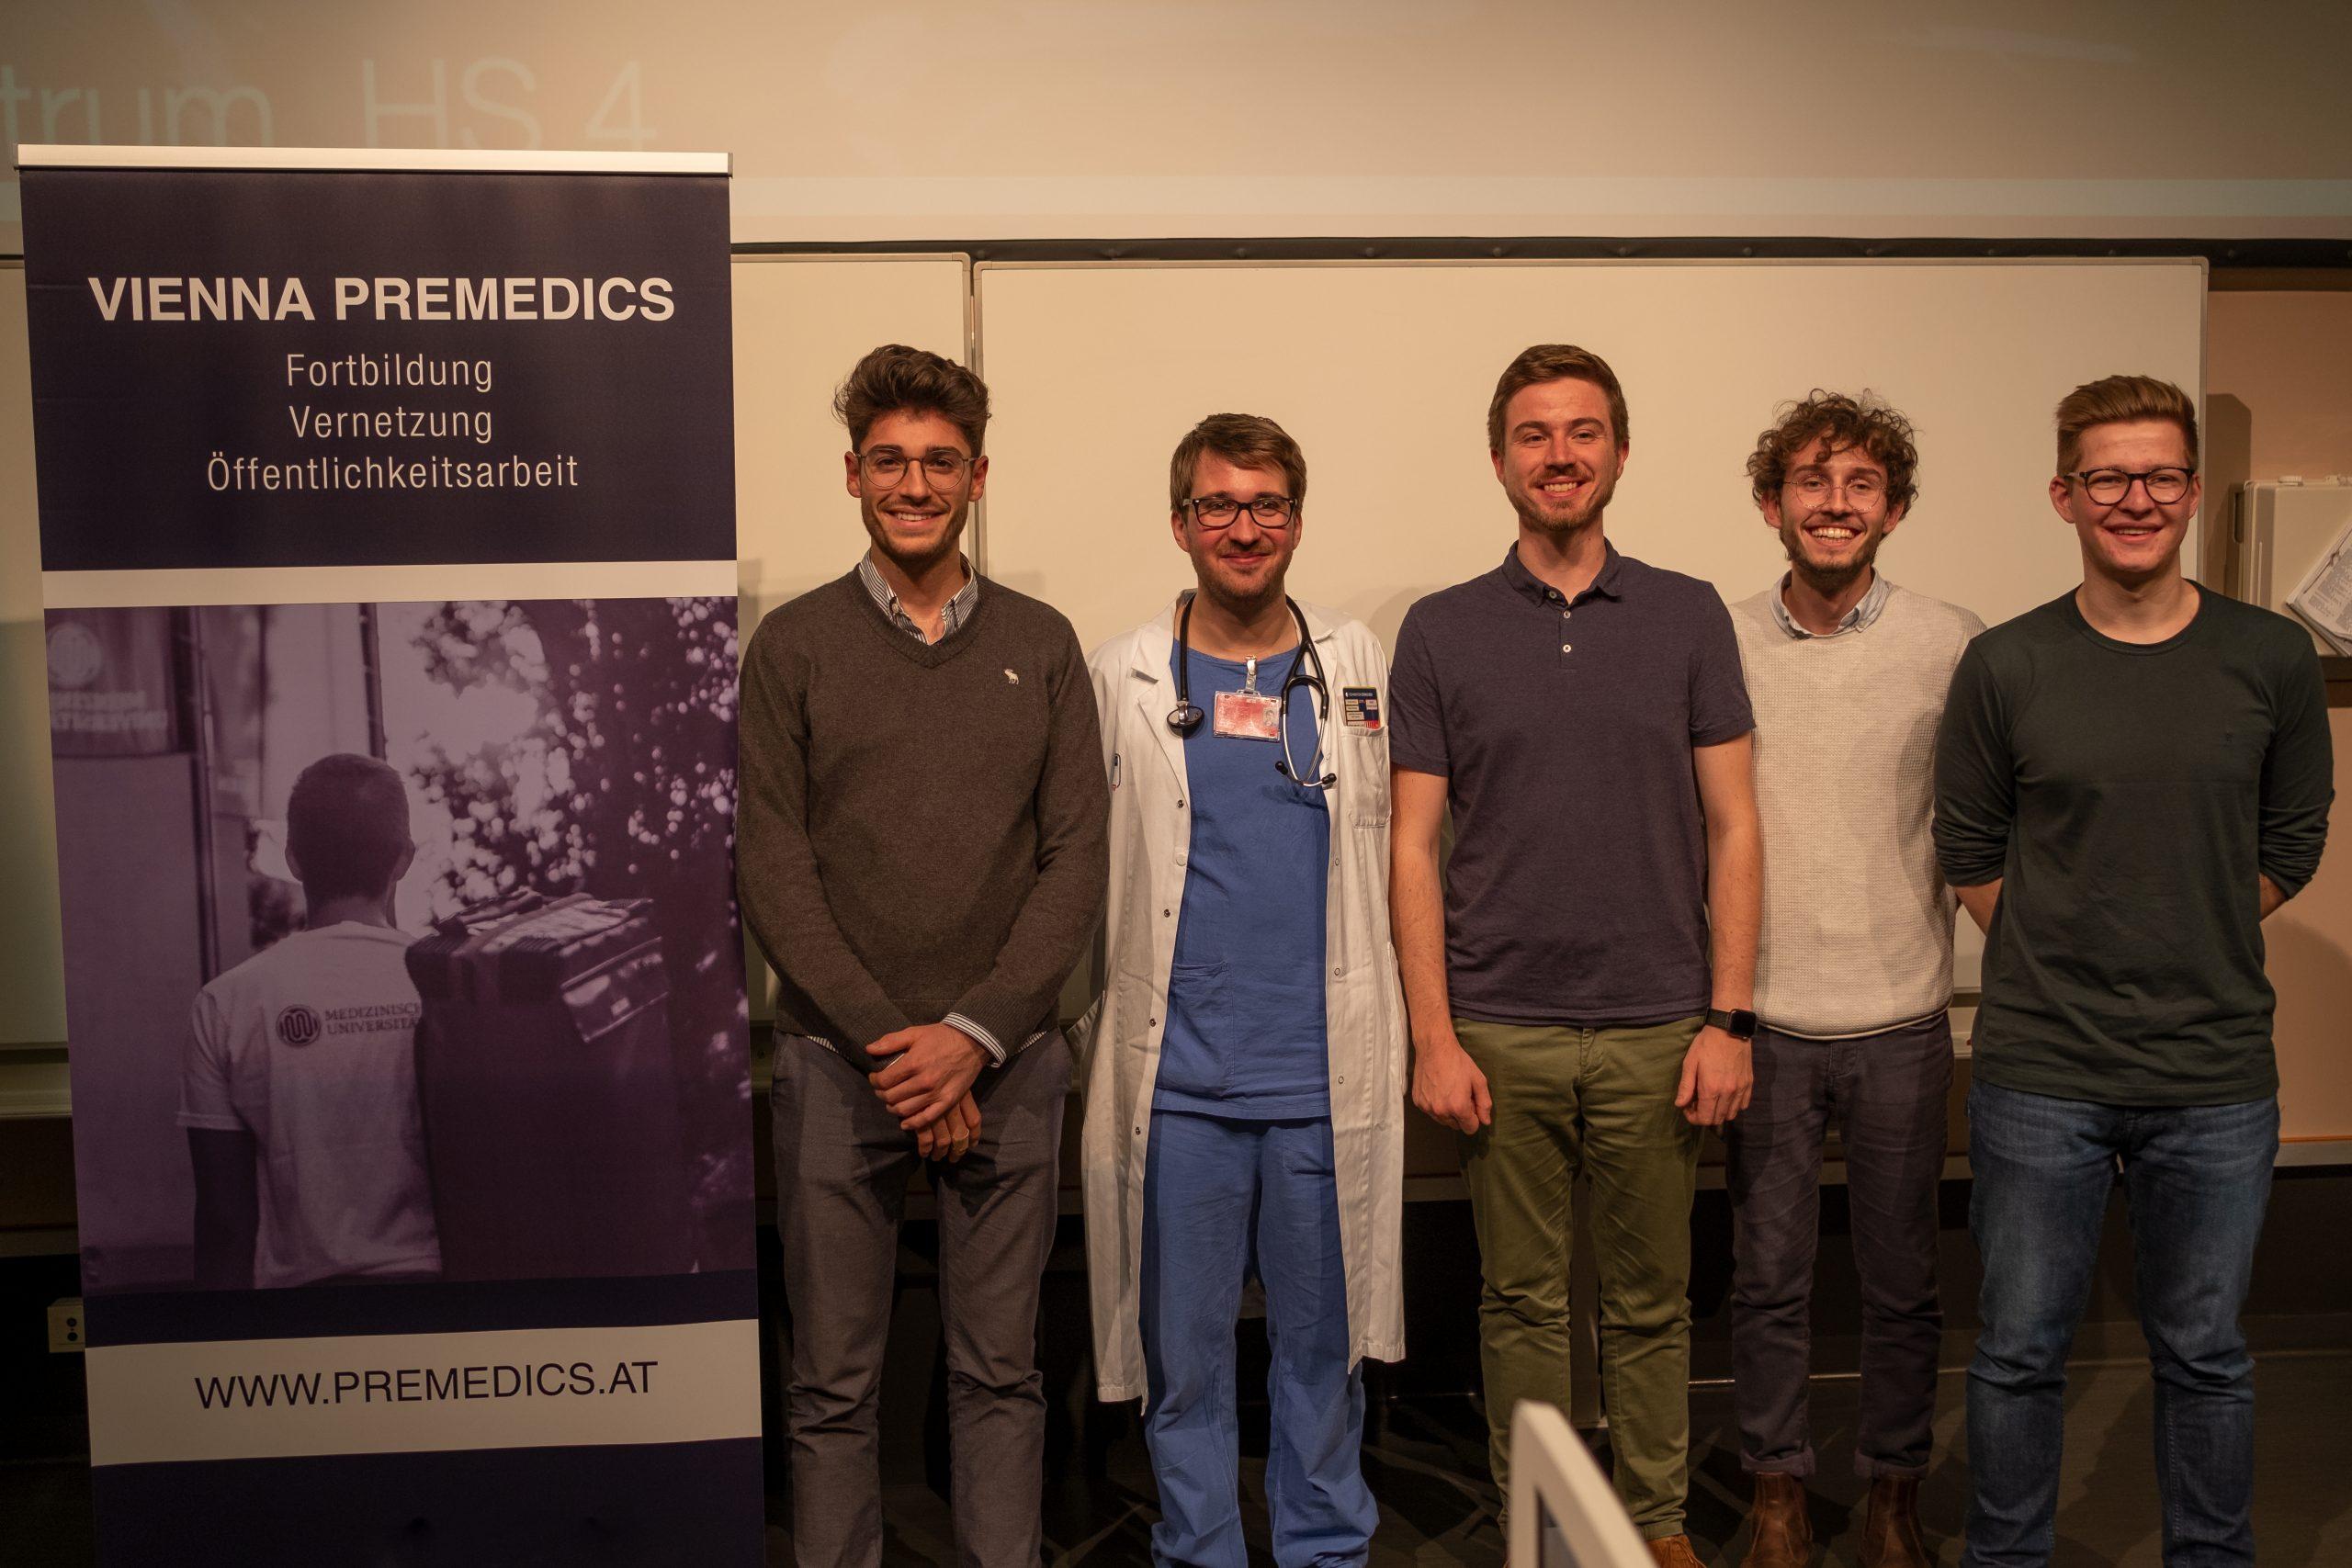 Foto der Initiatoren mit dem Vortragenden Calvin Kienbacher